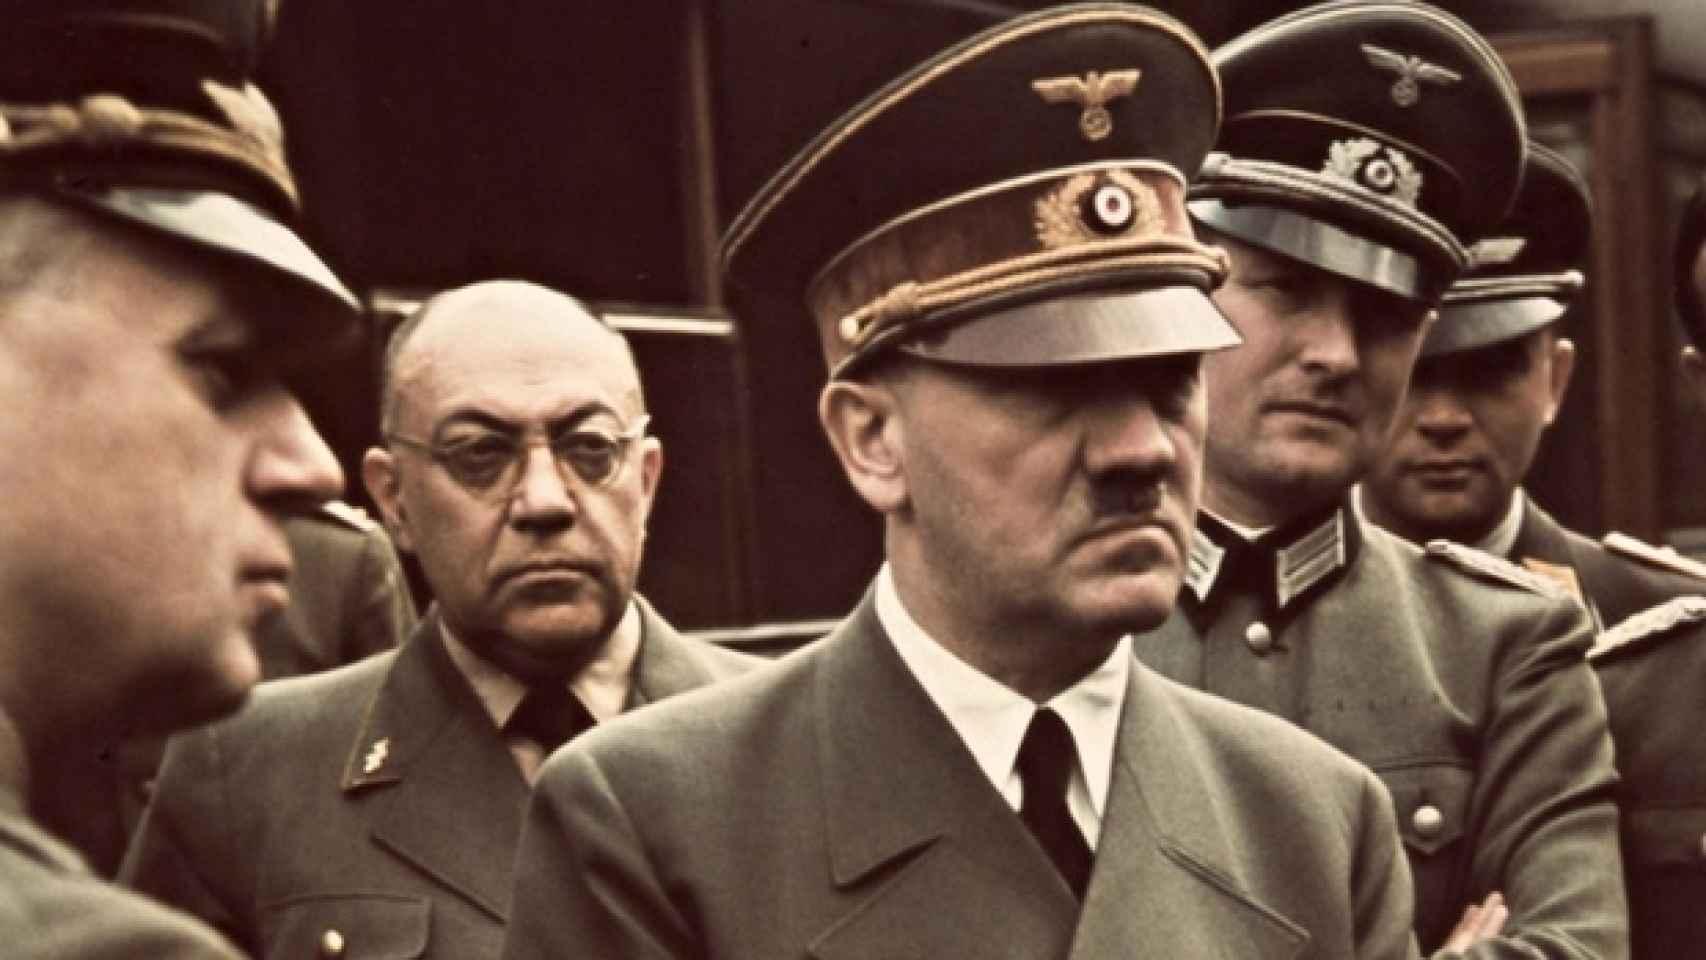 Theodore Moller, con gafas, justo detrás de Adolf Hitler.